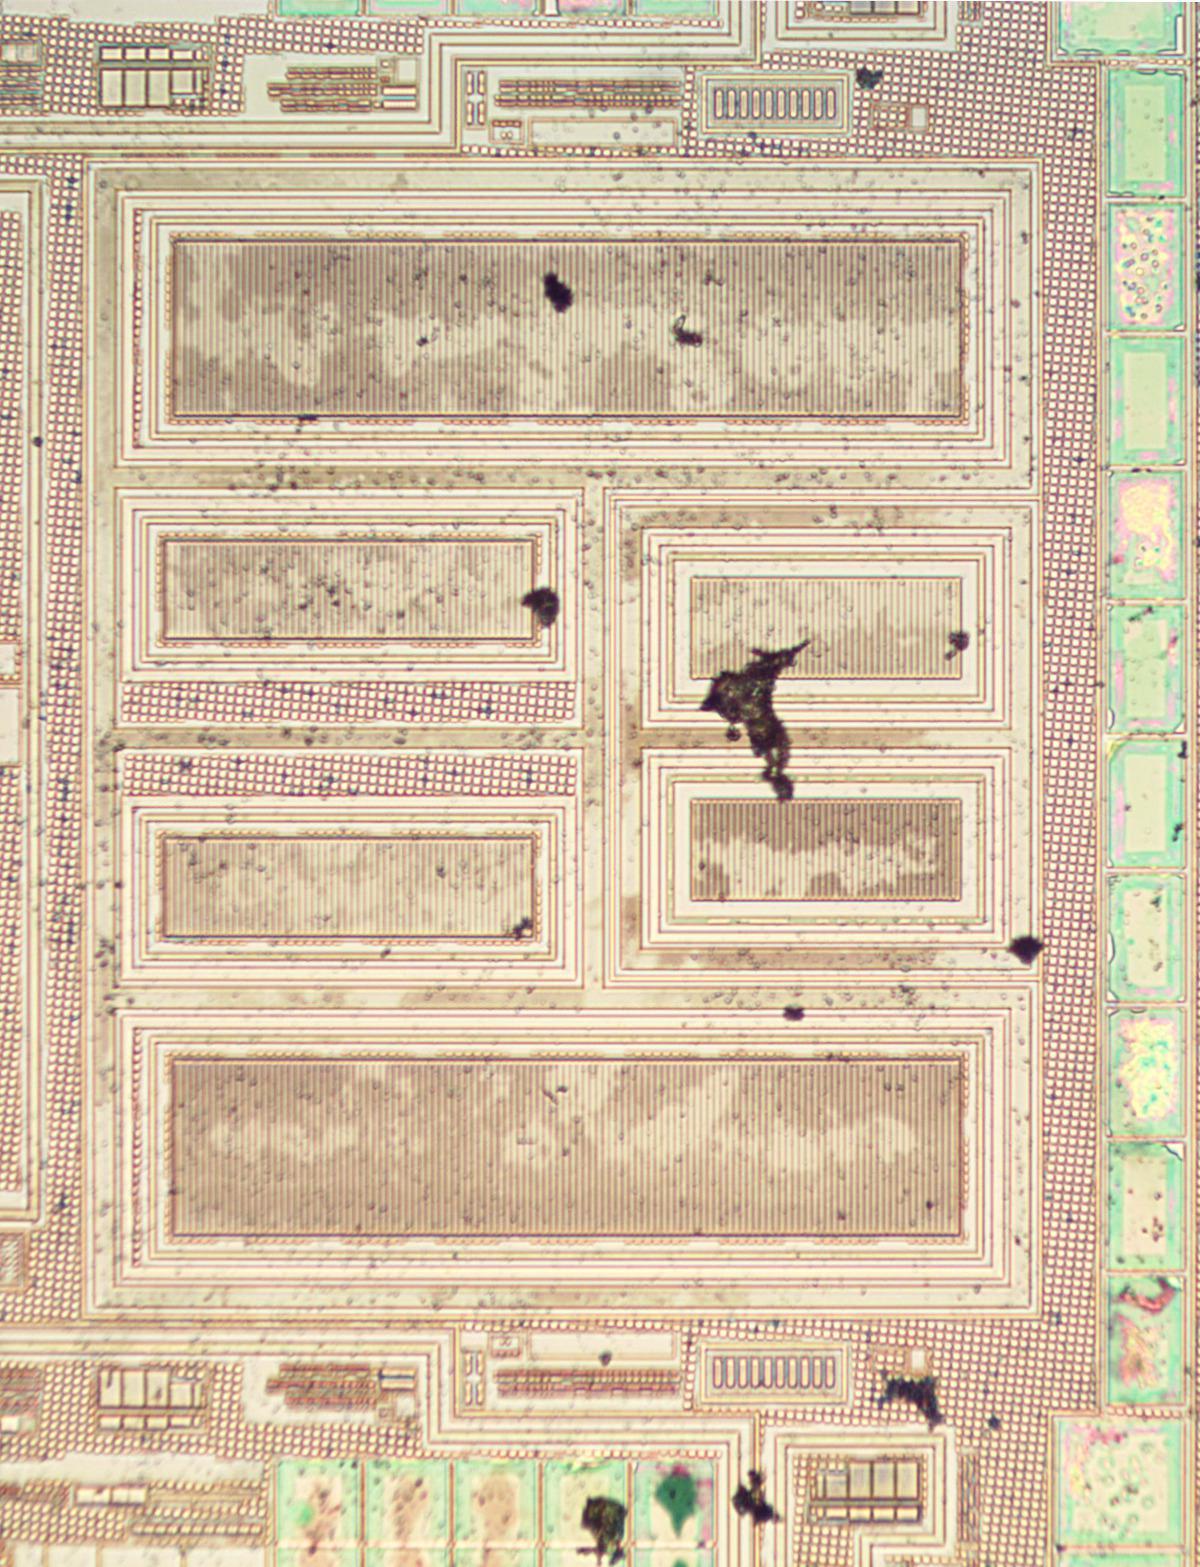 Вскрываем чип гальванической развязки с крохотным трансформатором внутри - 19